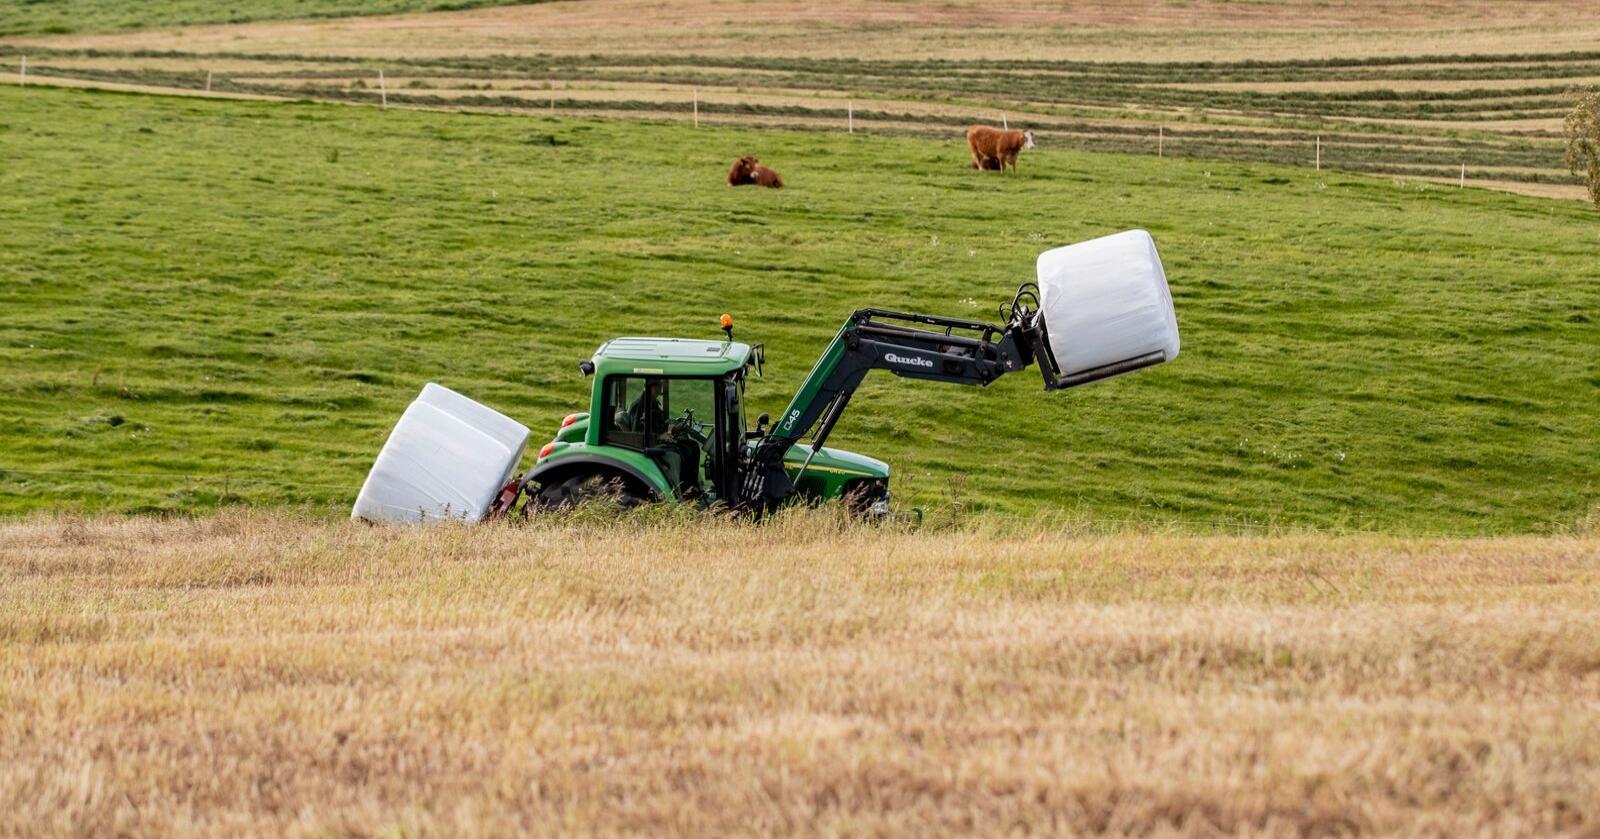 69 prosent av de spurte amerikanerne er positive til landbruk. Illustrasjonsfoto: Stian Lysberg Solum / NTB scanpix